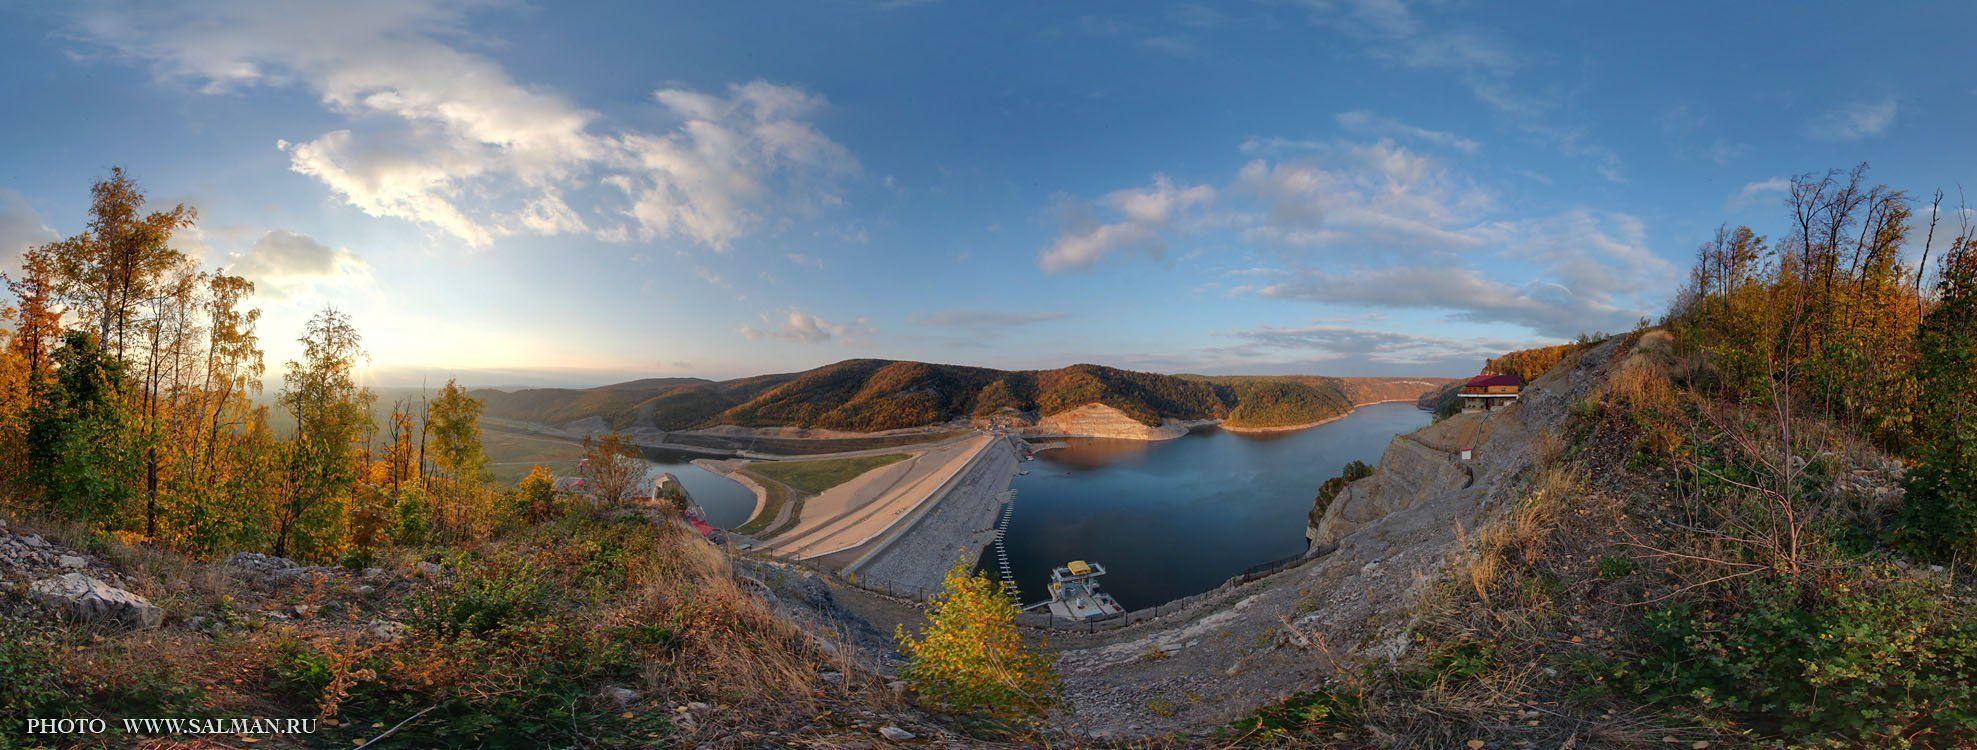 юмагузинское водохранилище,урал,2010,, salman